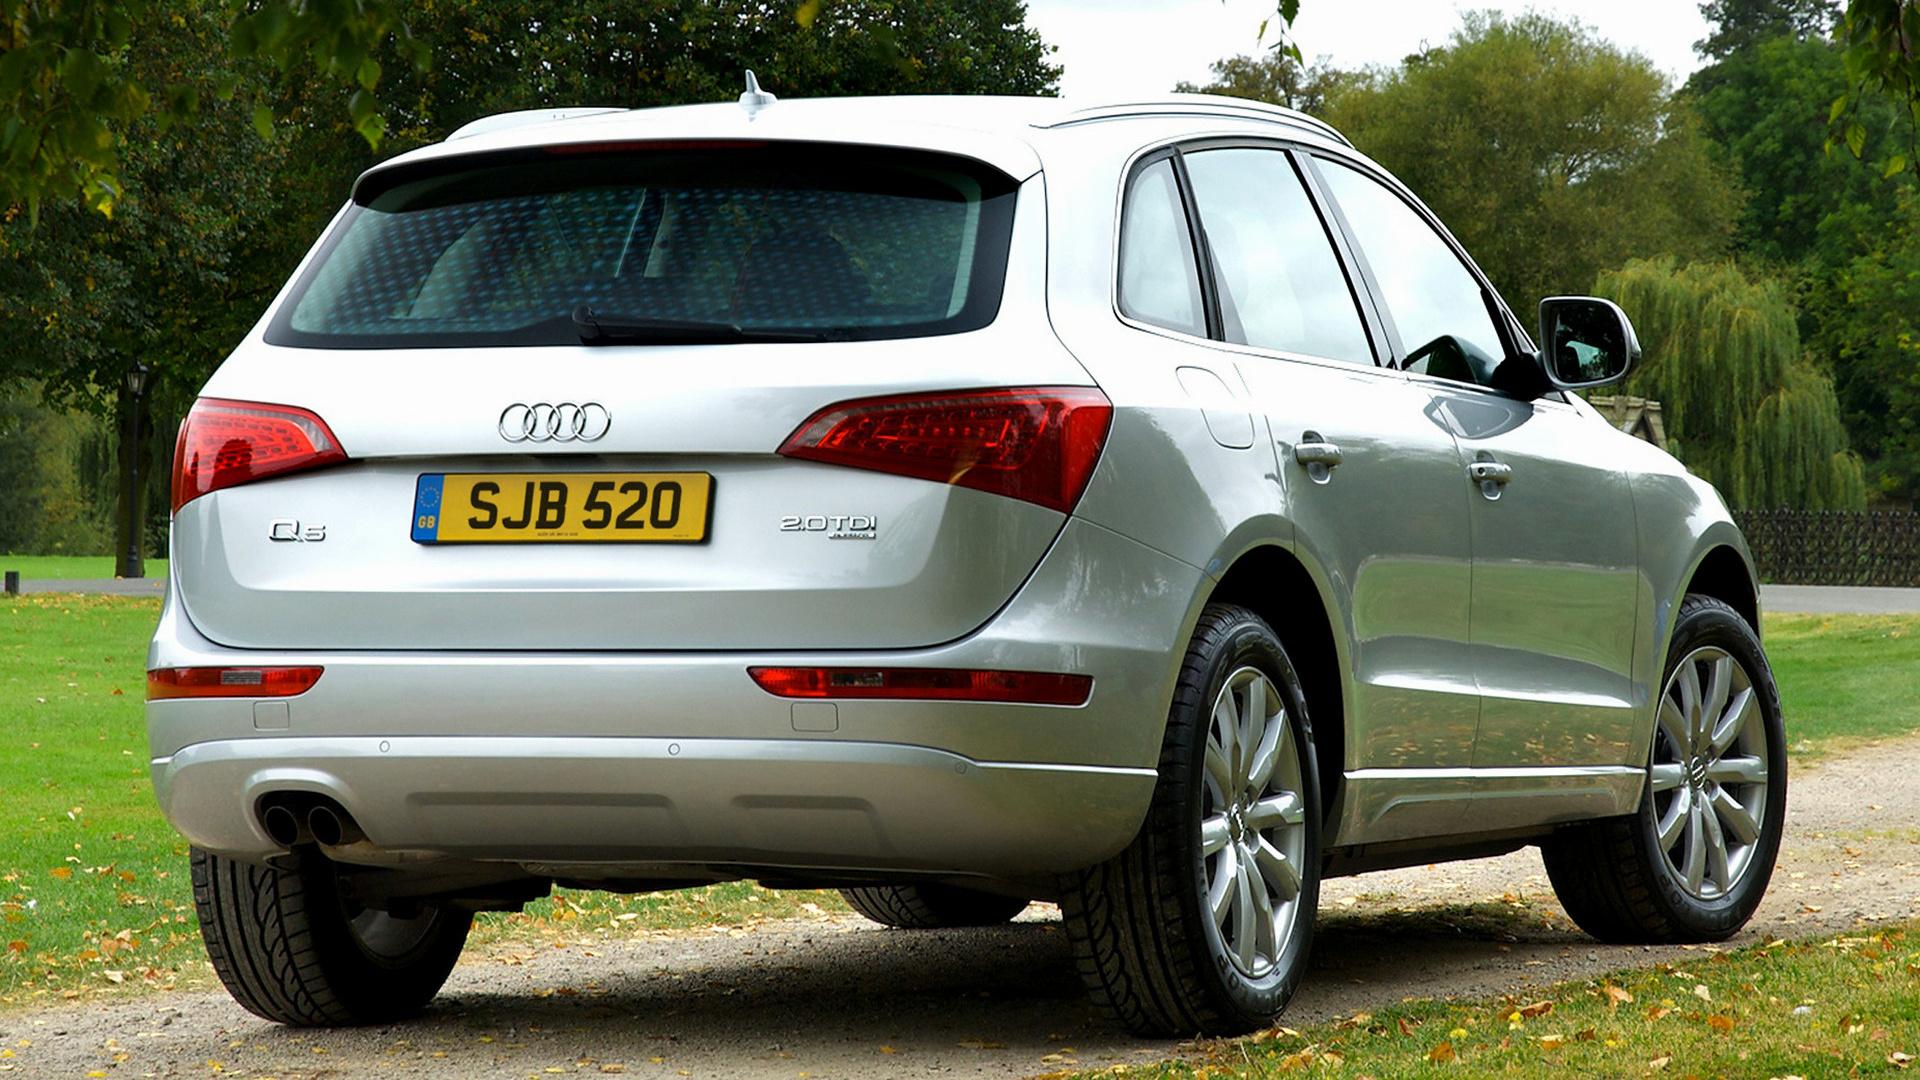 Kelebihan Kekurangan Audi Q5 2008 Spesifikasi